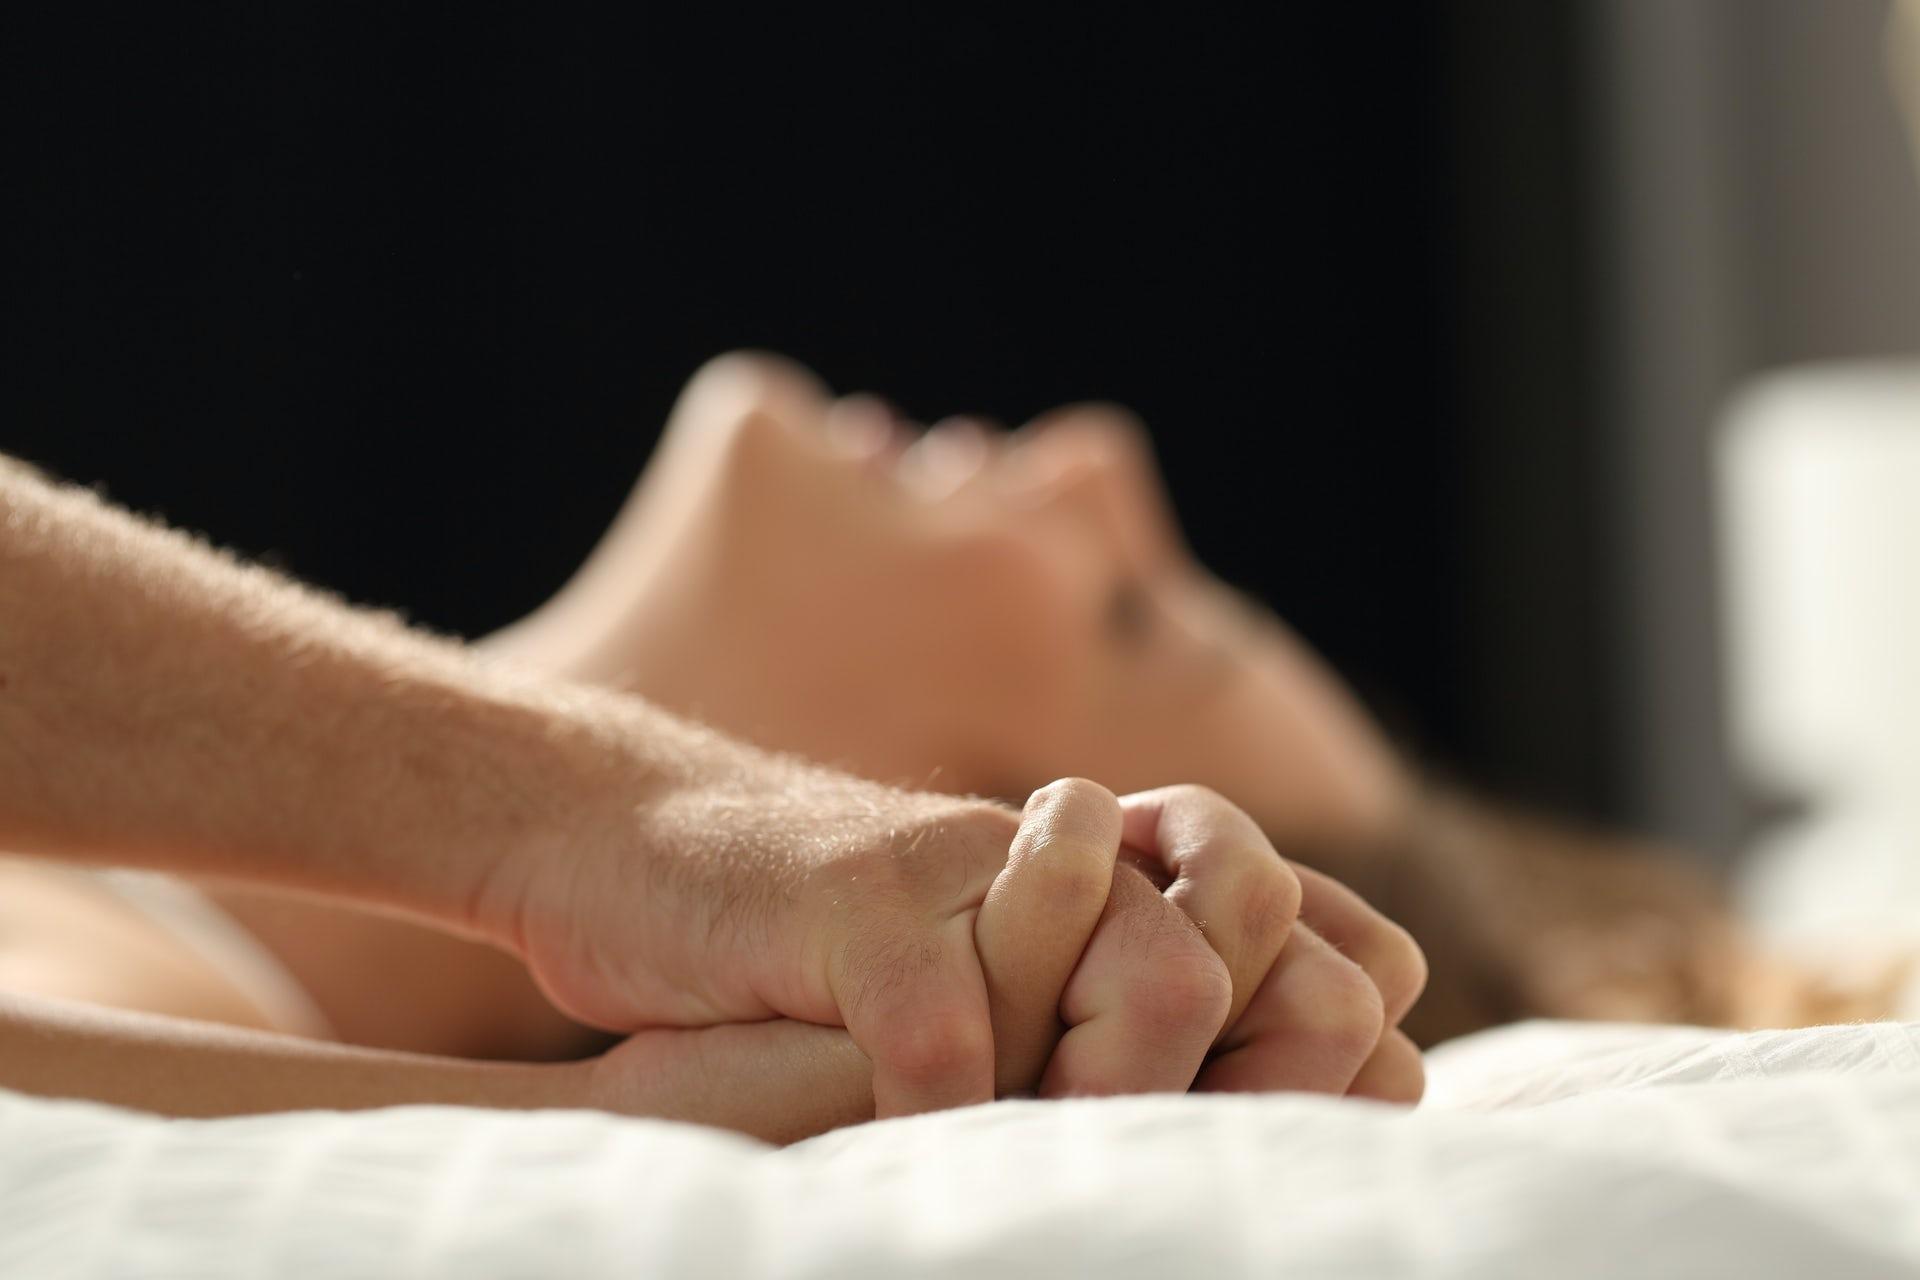 Sexual activities in human